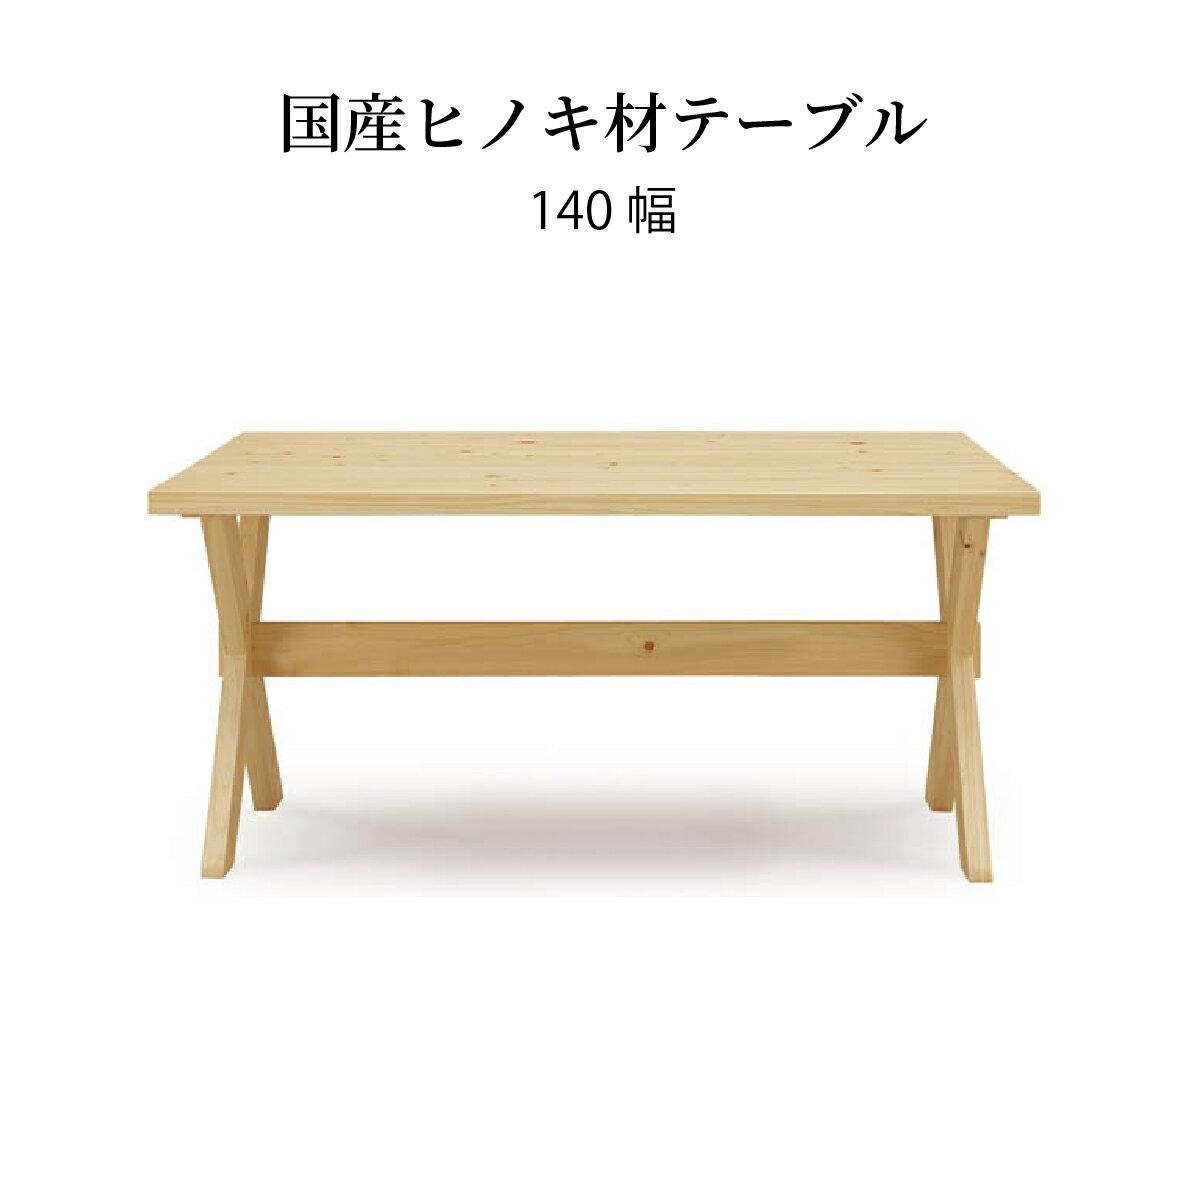 ダイニングテーブル 4人掛け 国産 ひのき 140cm 北欧 テーブル シンプル モダン 食卓テーブル 木製 四人用 無垢 無垢材 セラウッド塗装 オイル塗装 単品 凪 ナギ NAGI 140cmテーブル 140幅 シギヤマ家具工業 シギヤマ